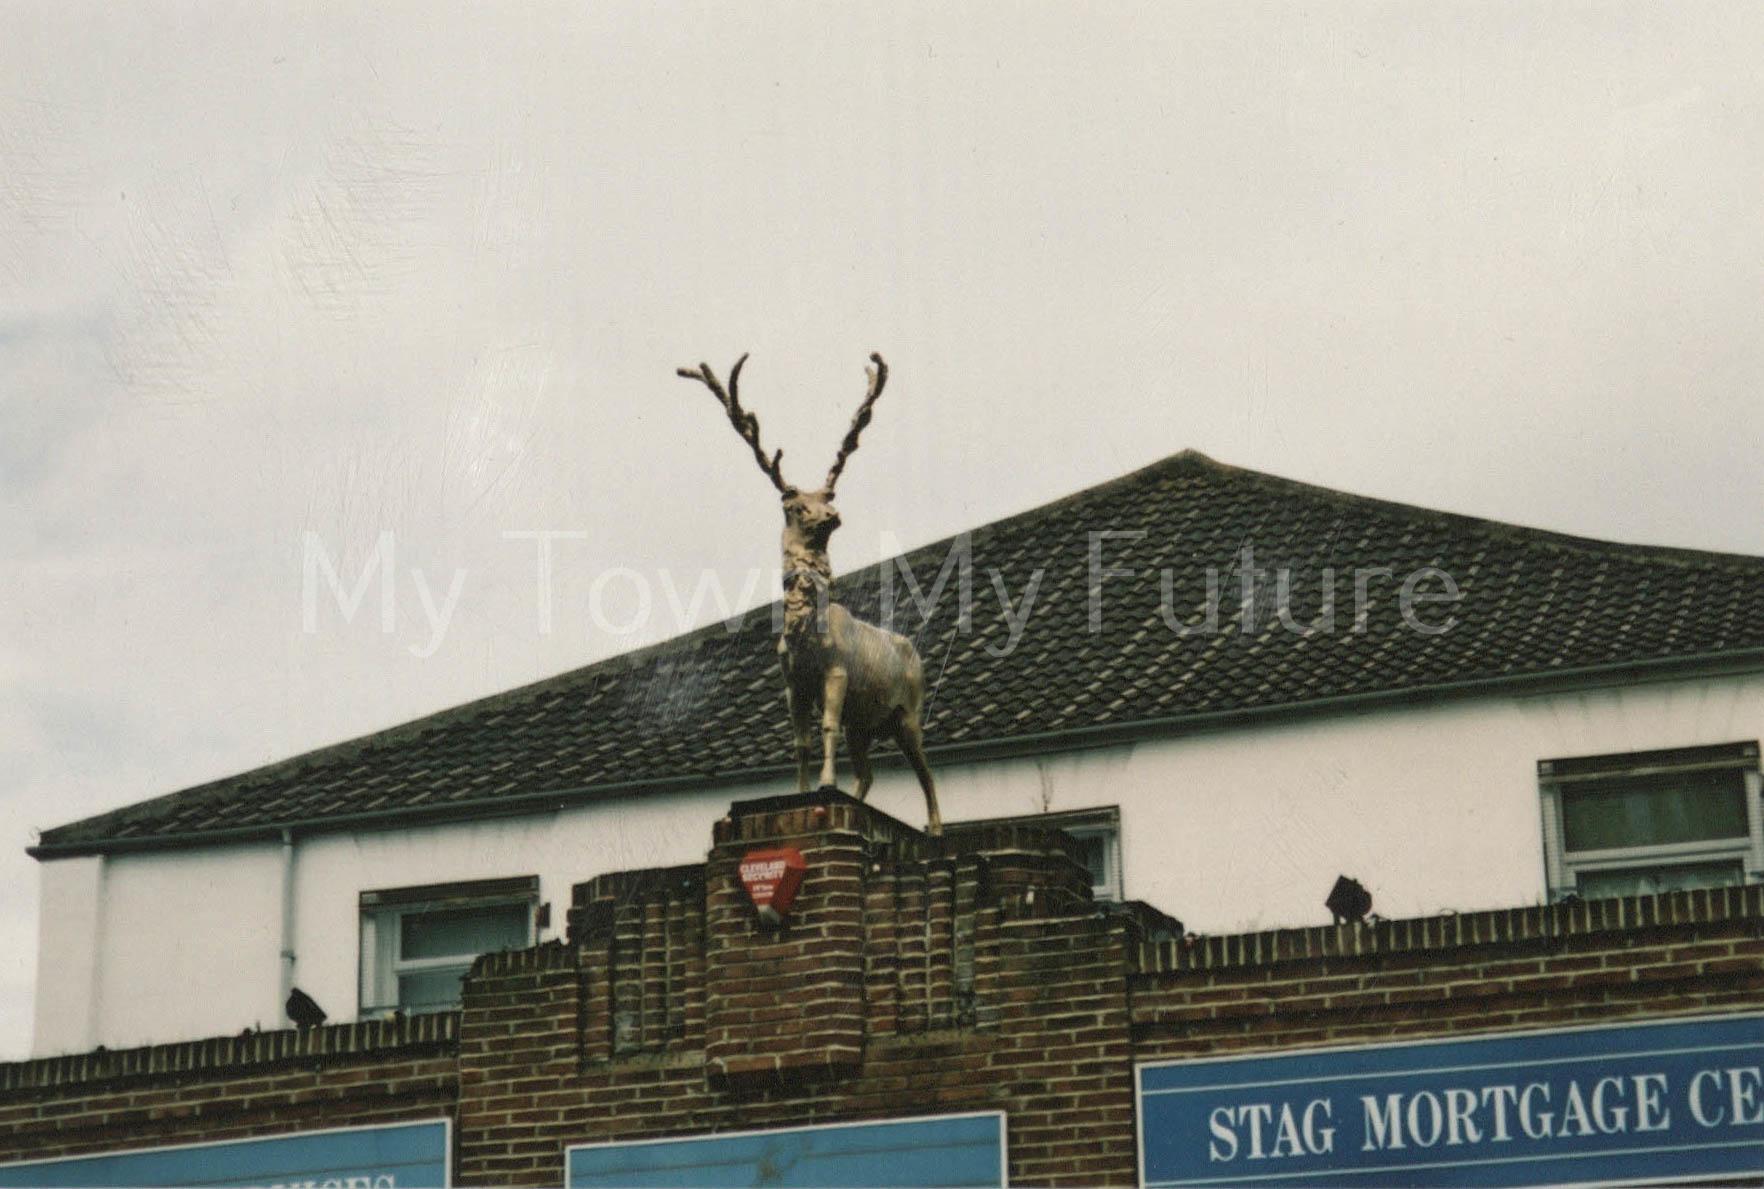 The Stag Linthorpe Village, 2001, Paul Stephenson